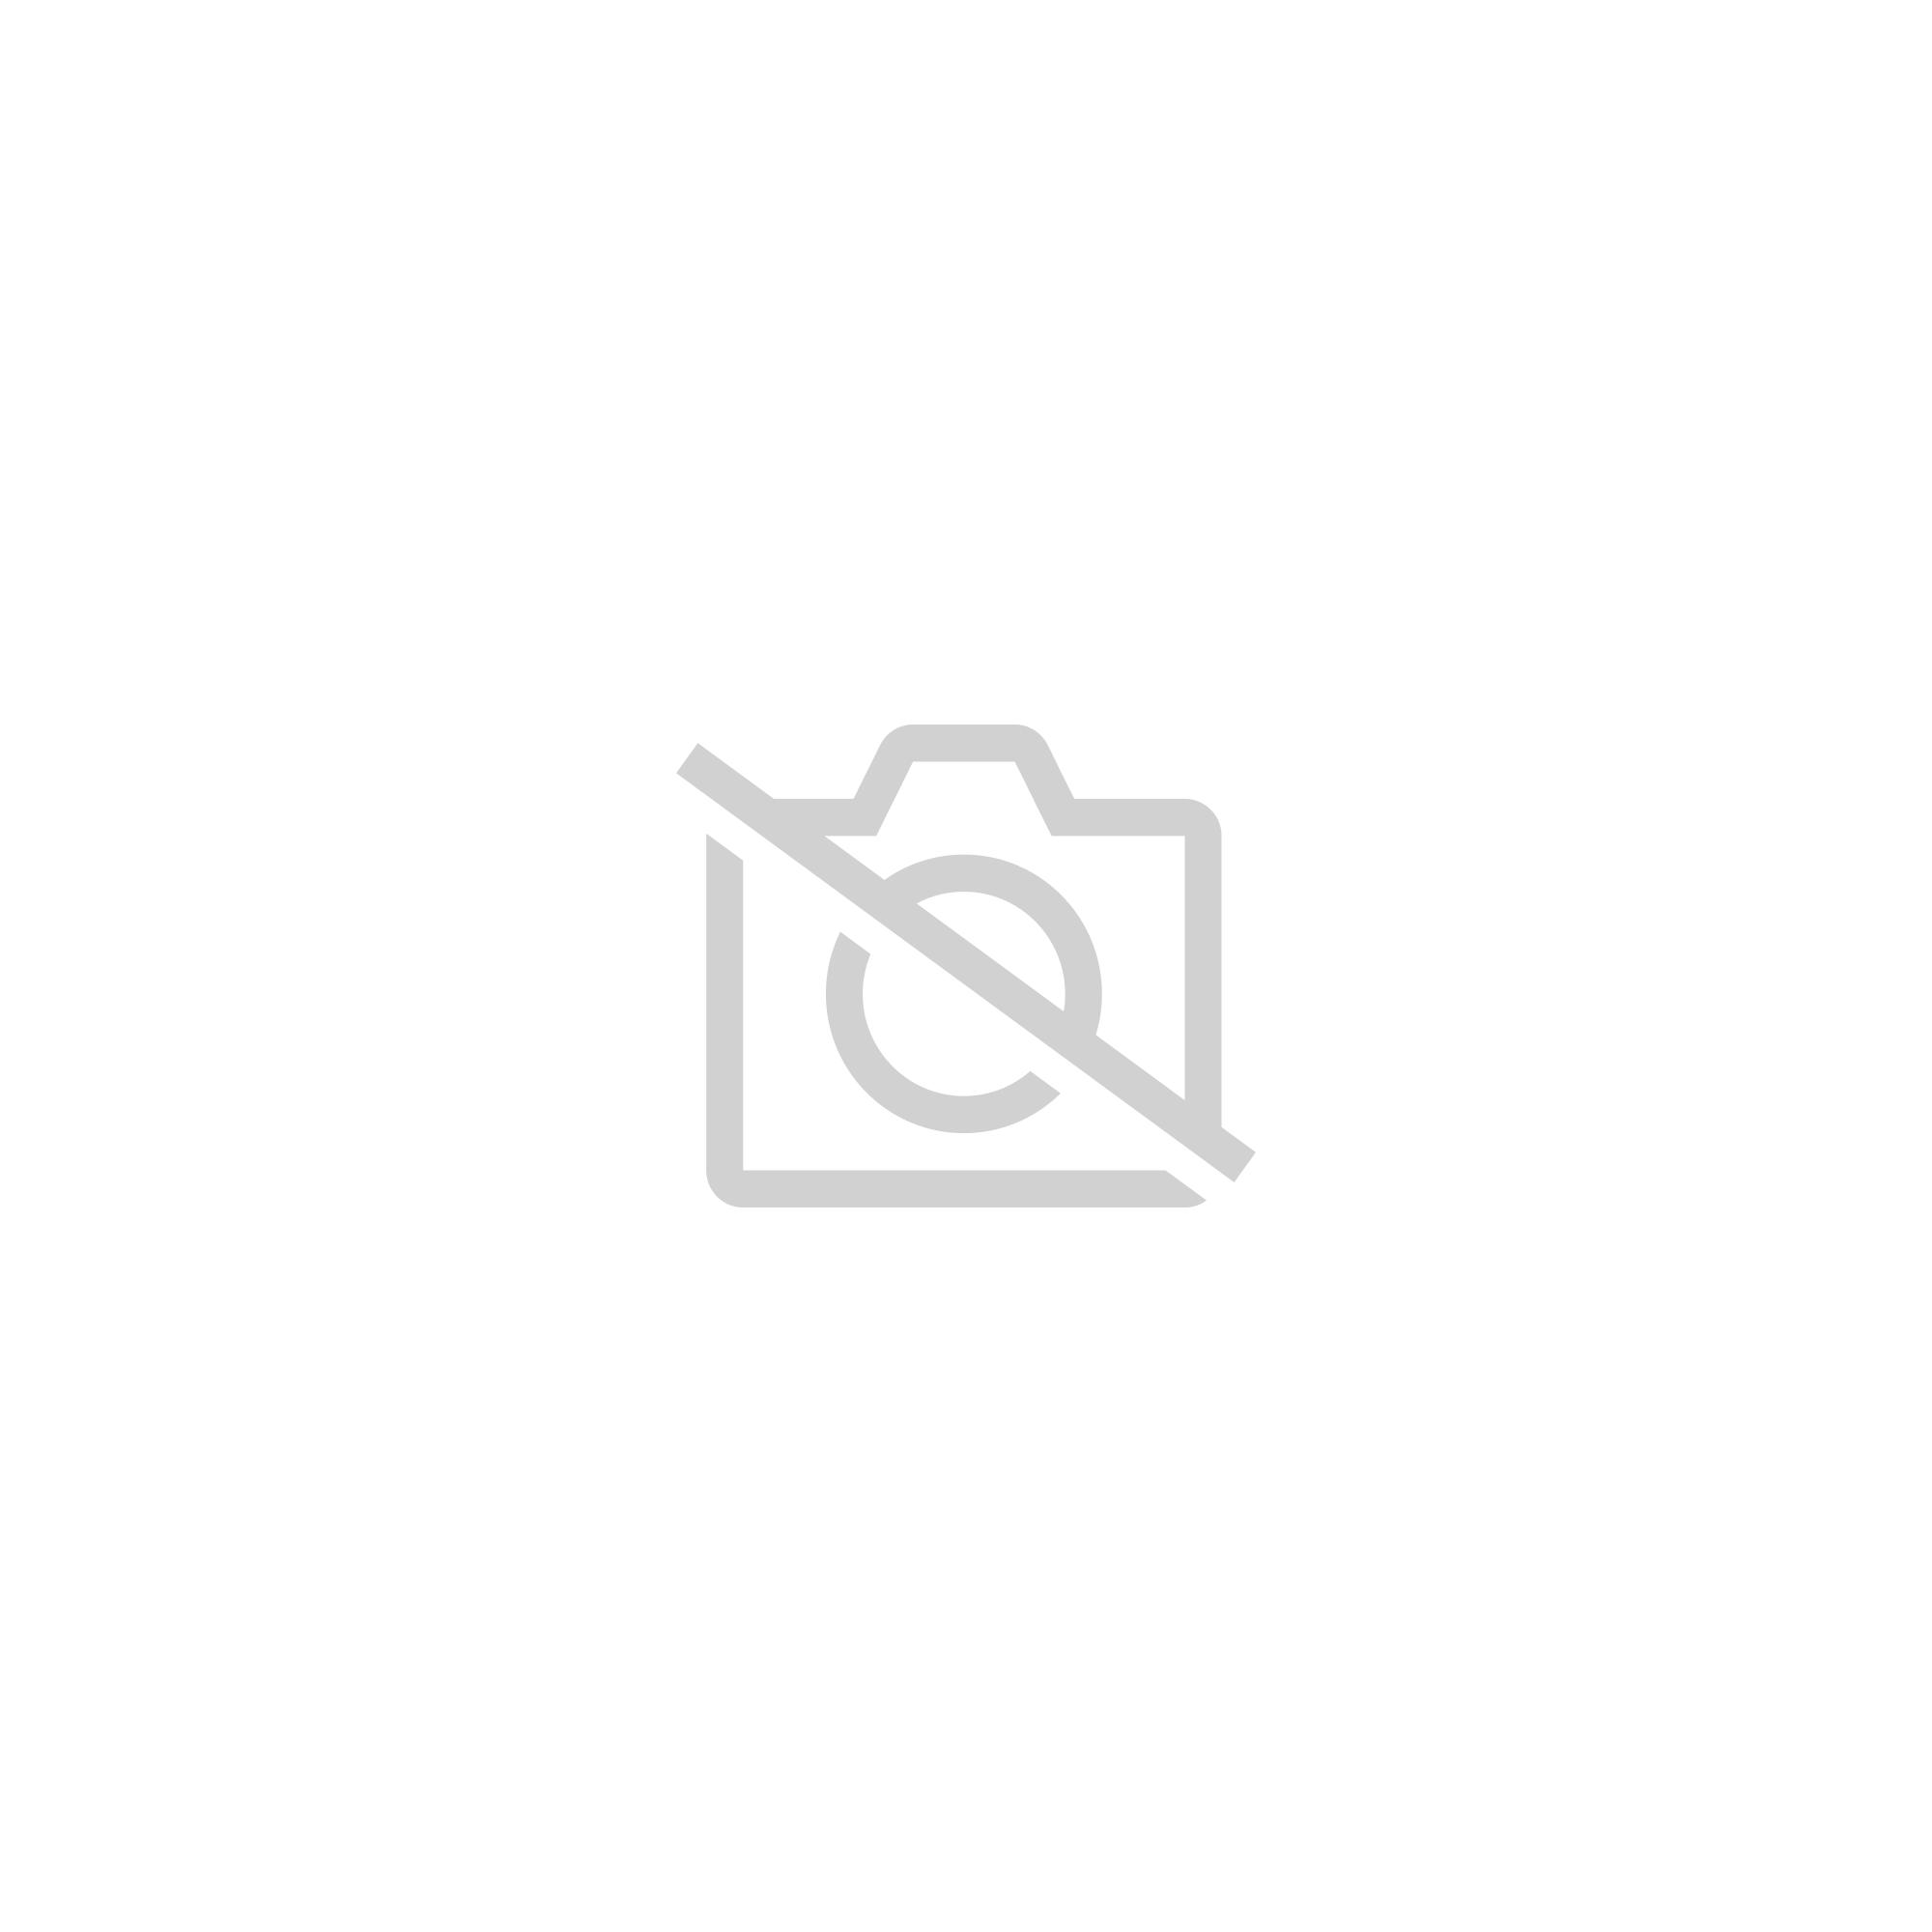 La petite couturière du Titanic - Editions Gabelire - 17/01/2017